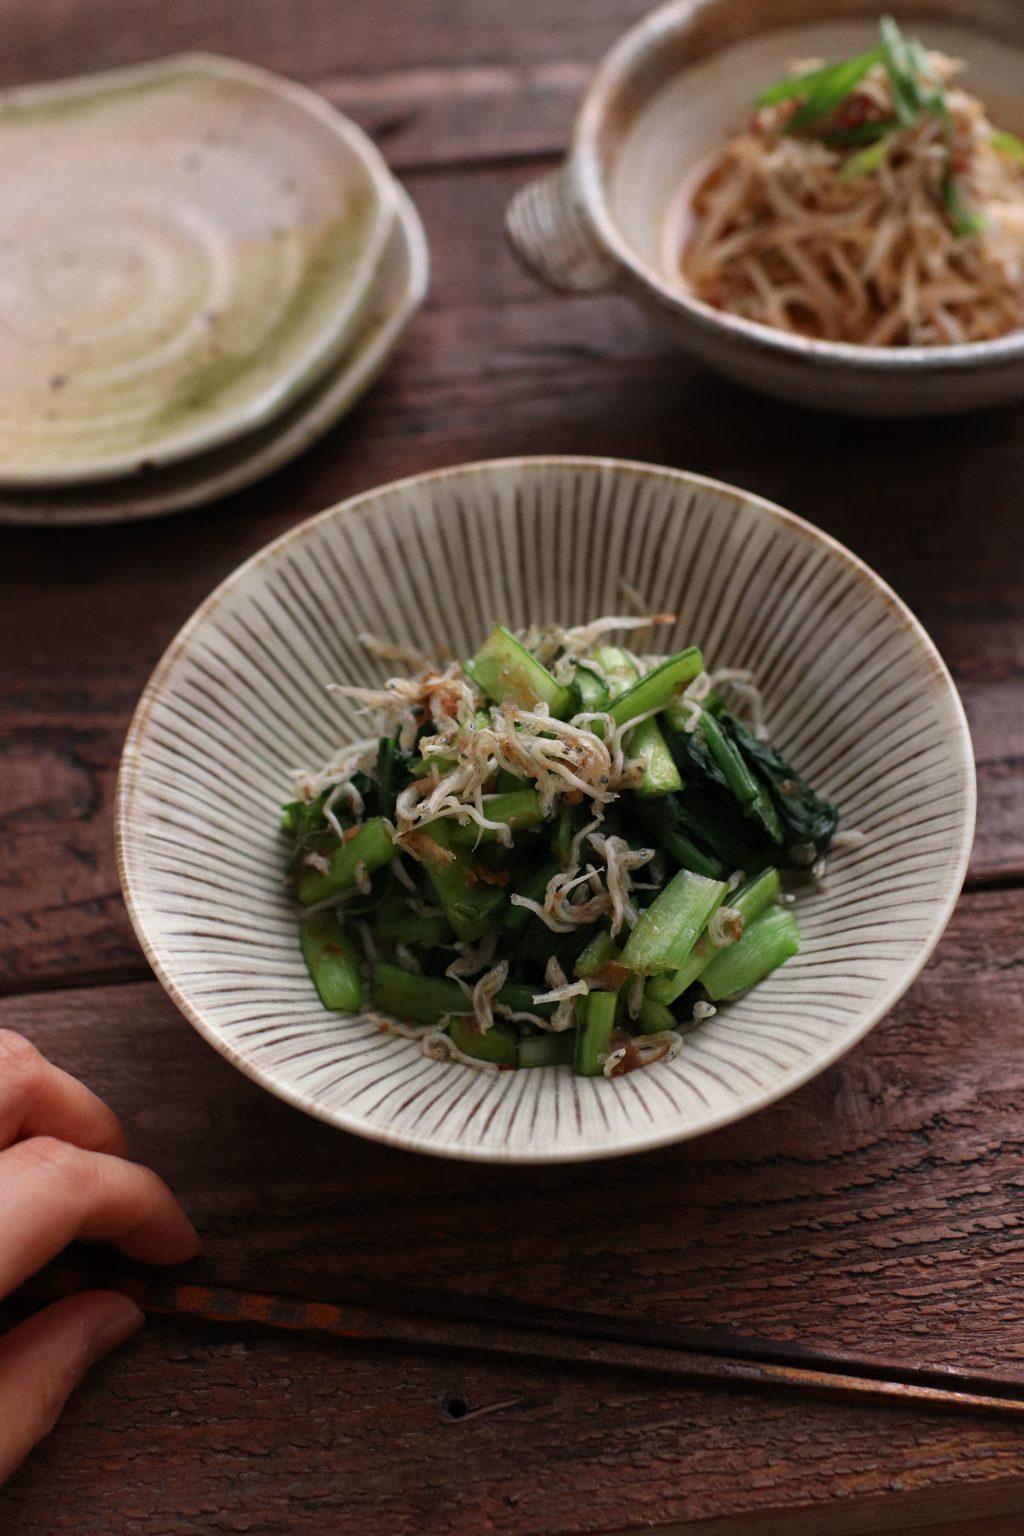 【レシピ】小松菜のかつおじゃこ和え